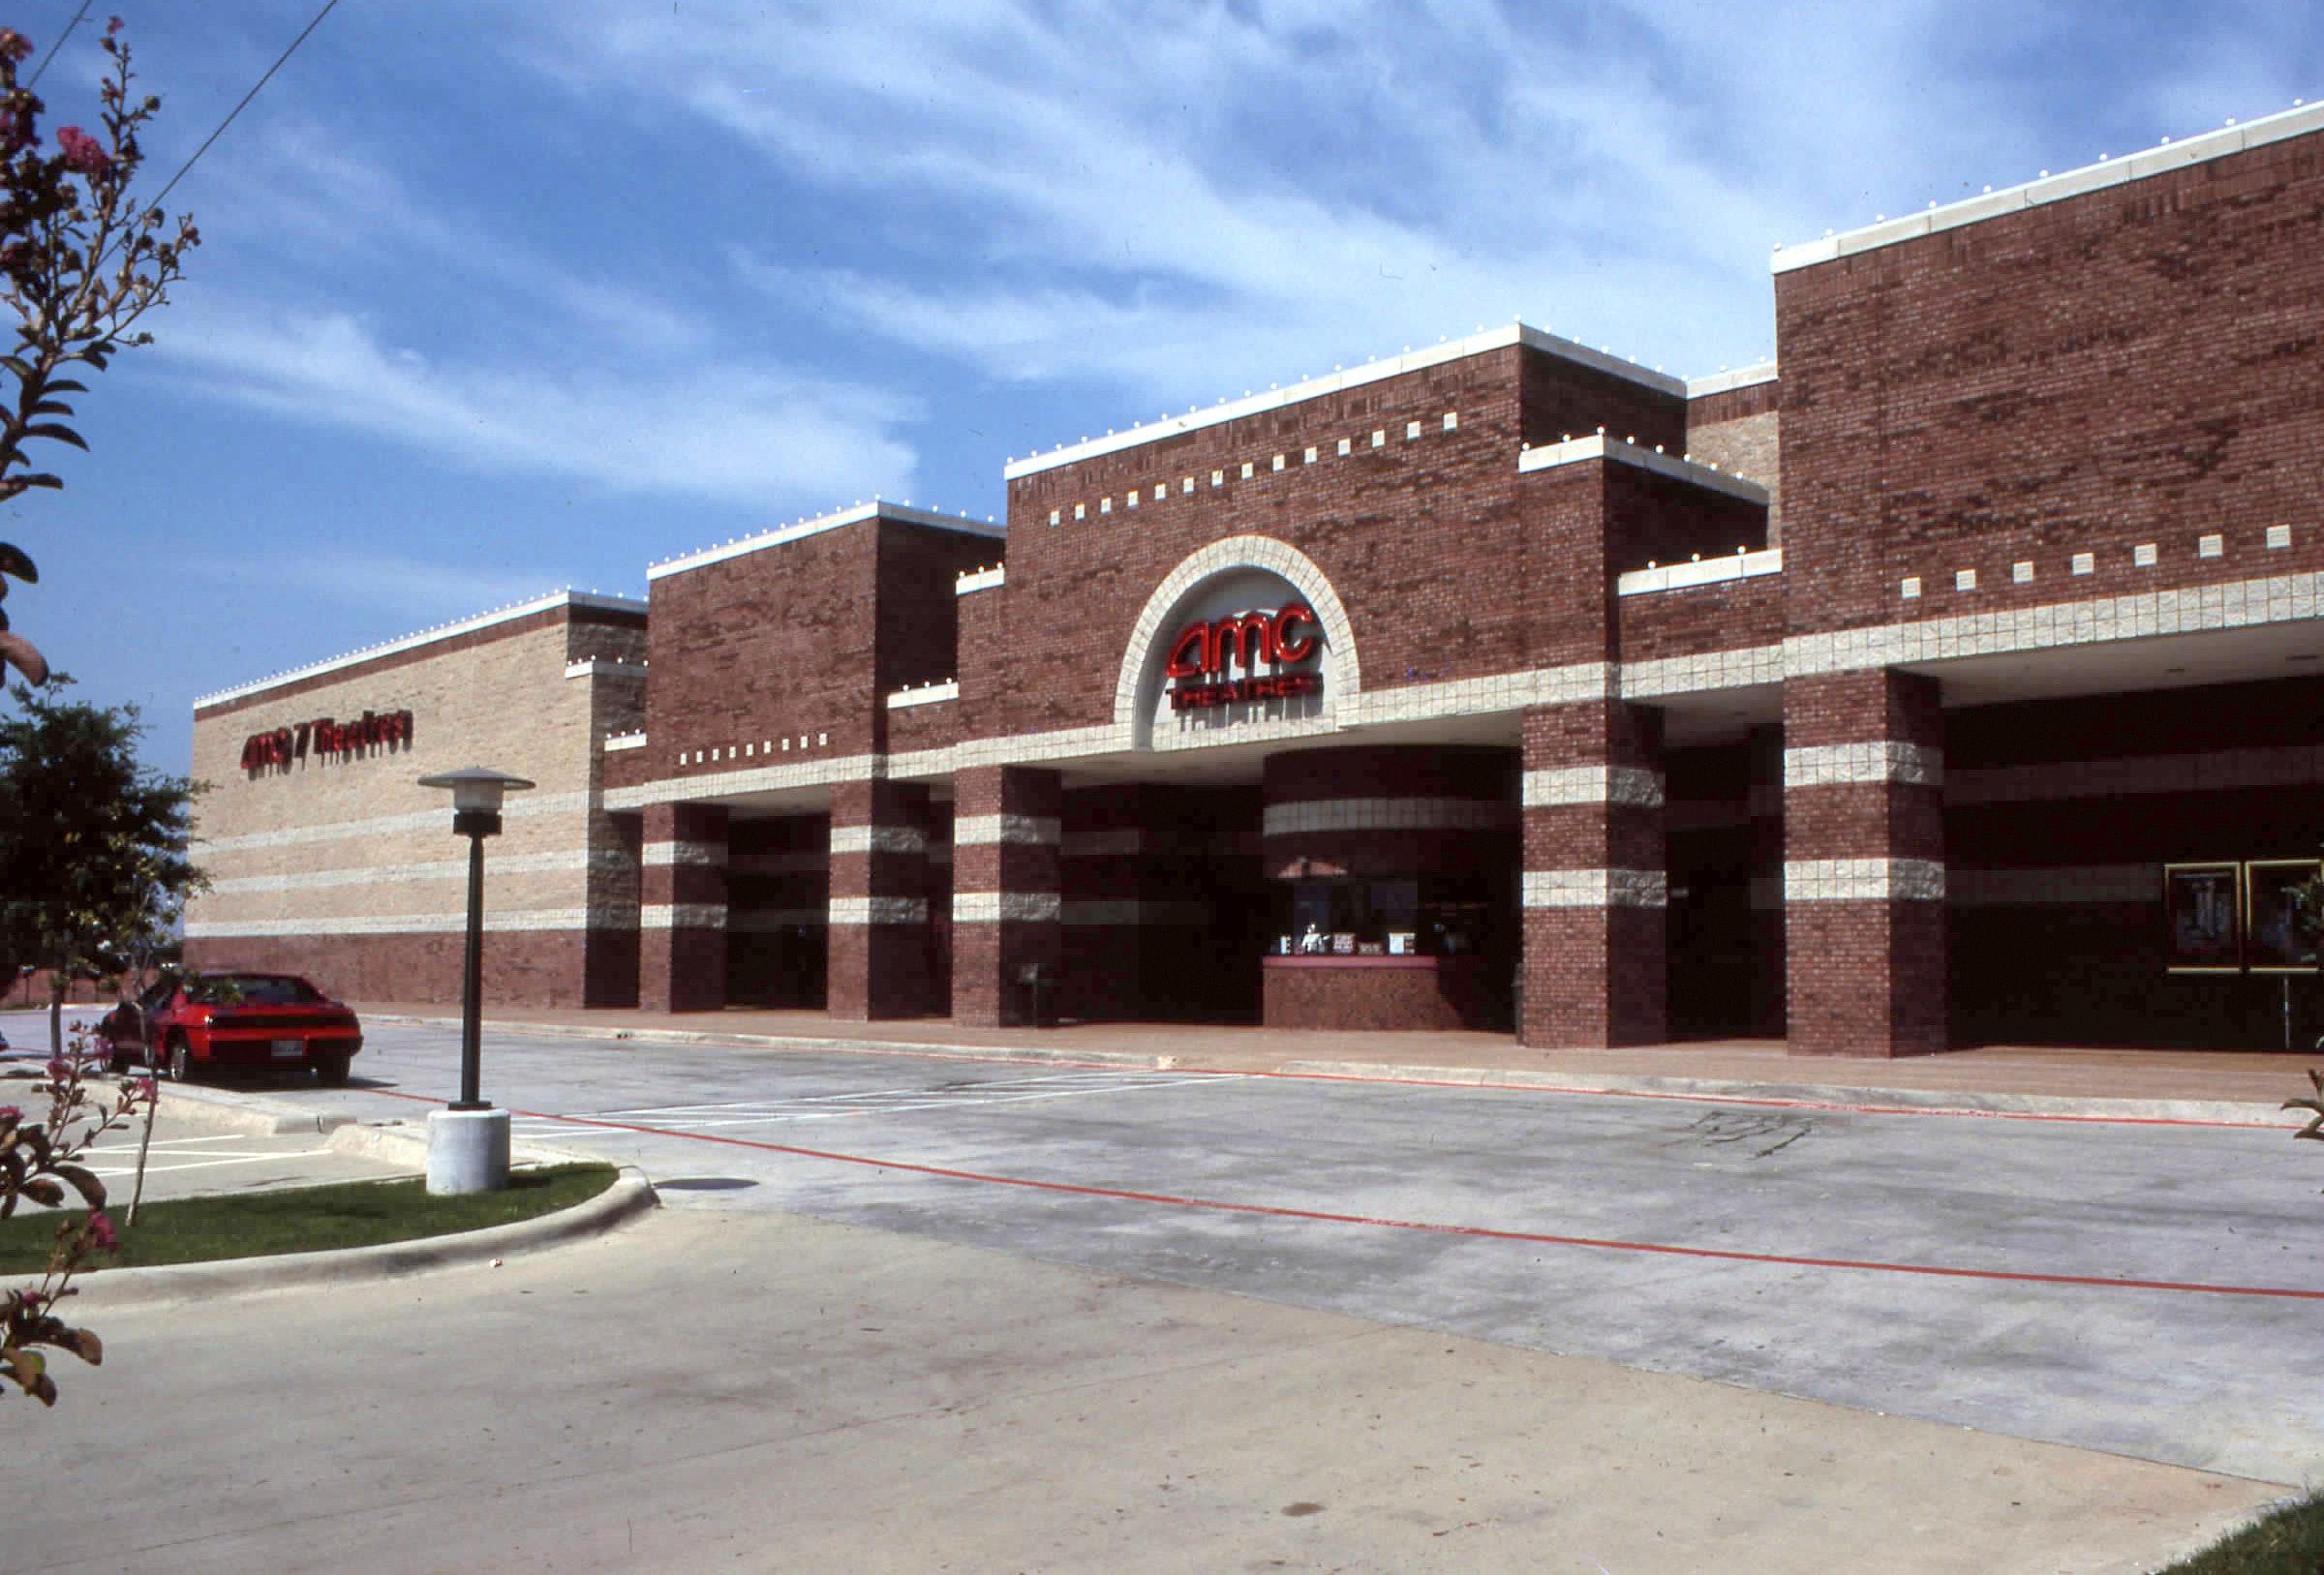 Movie theatre in plano texas